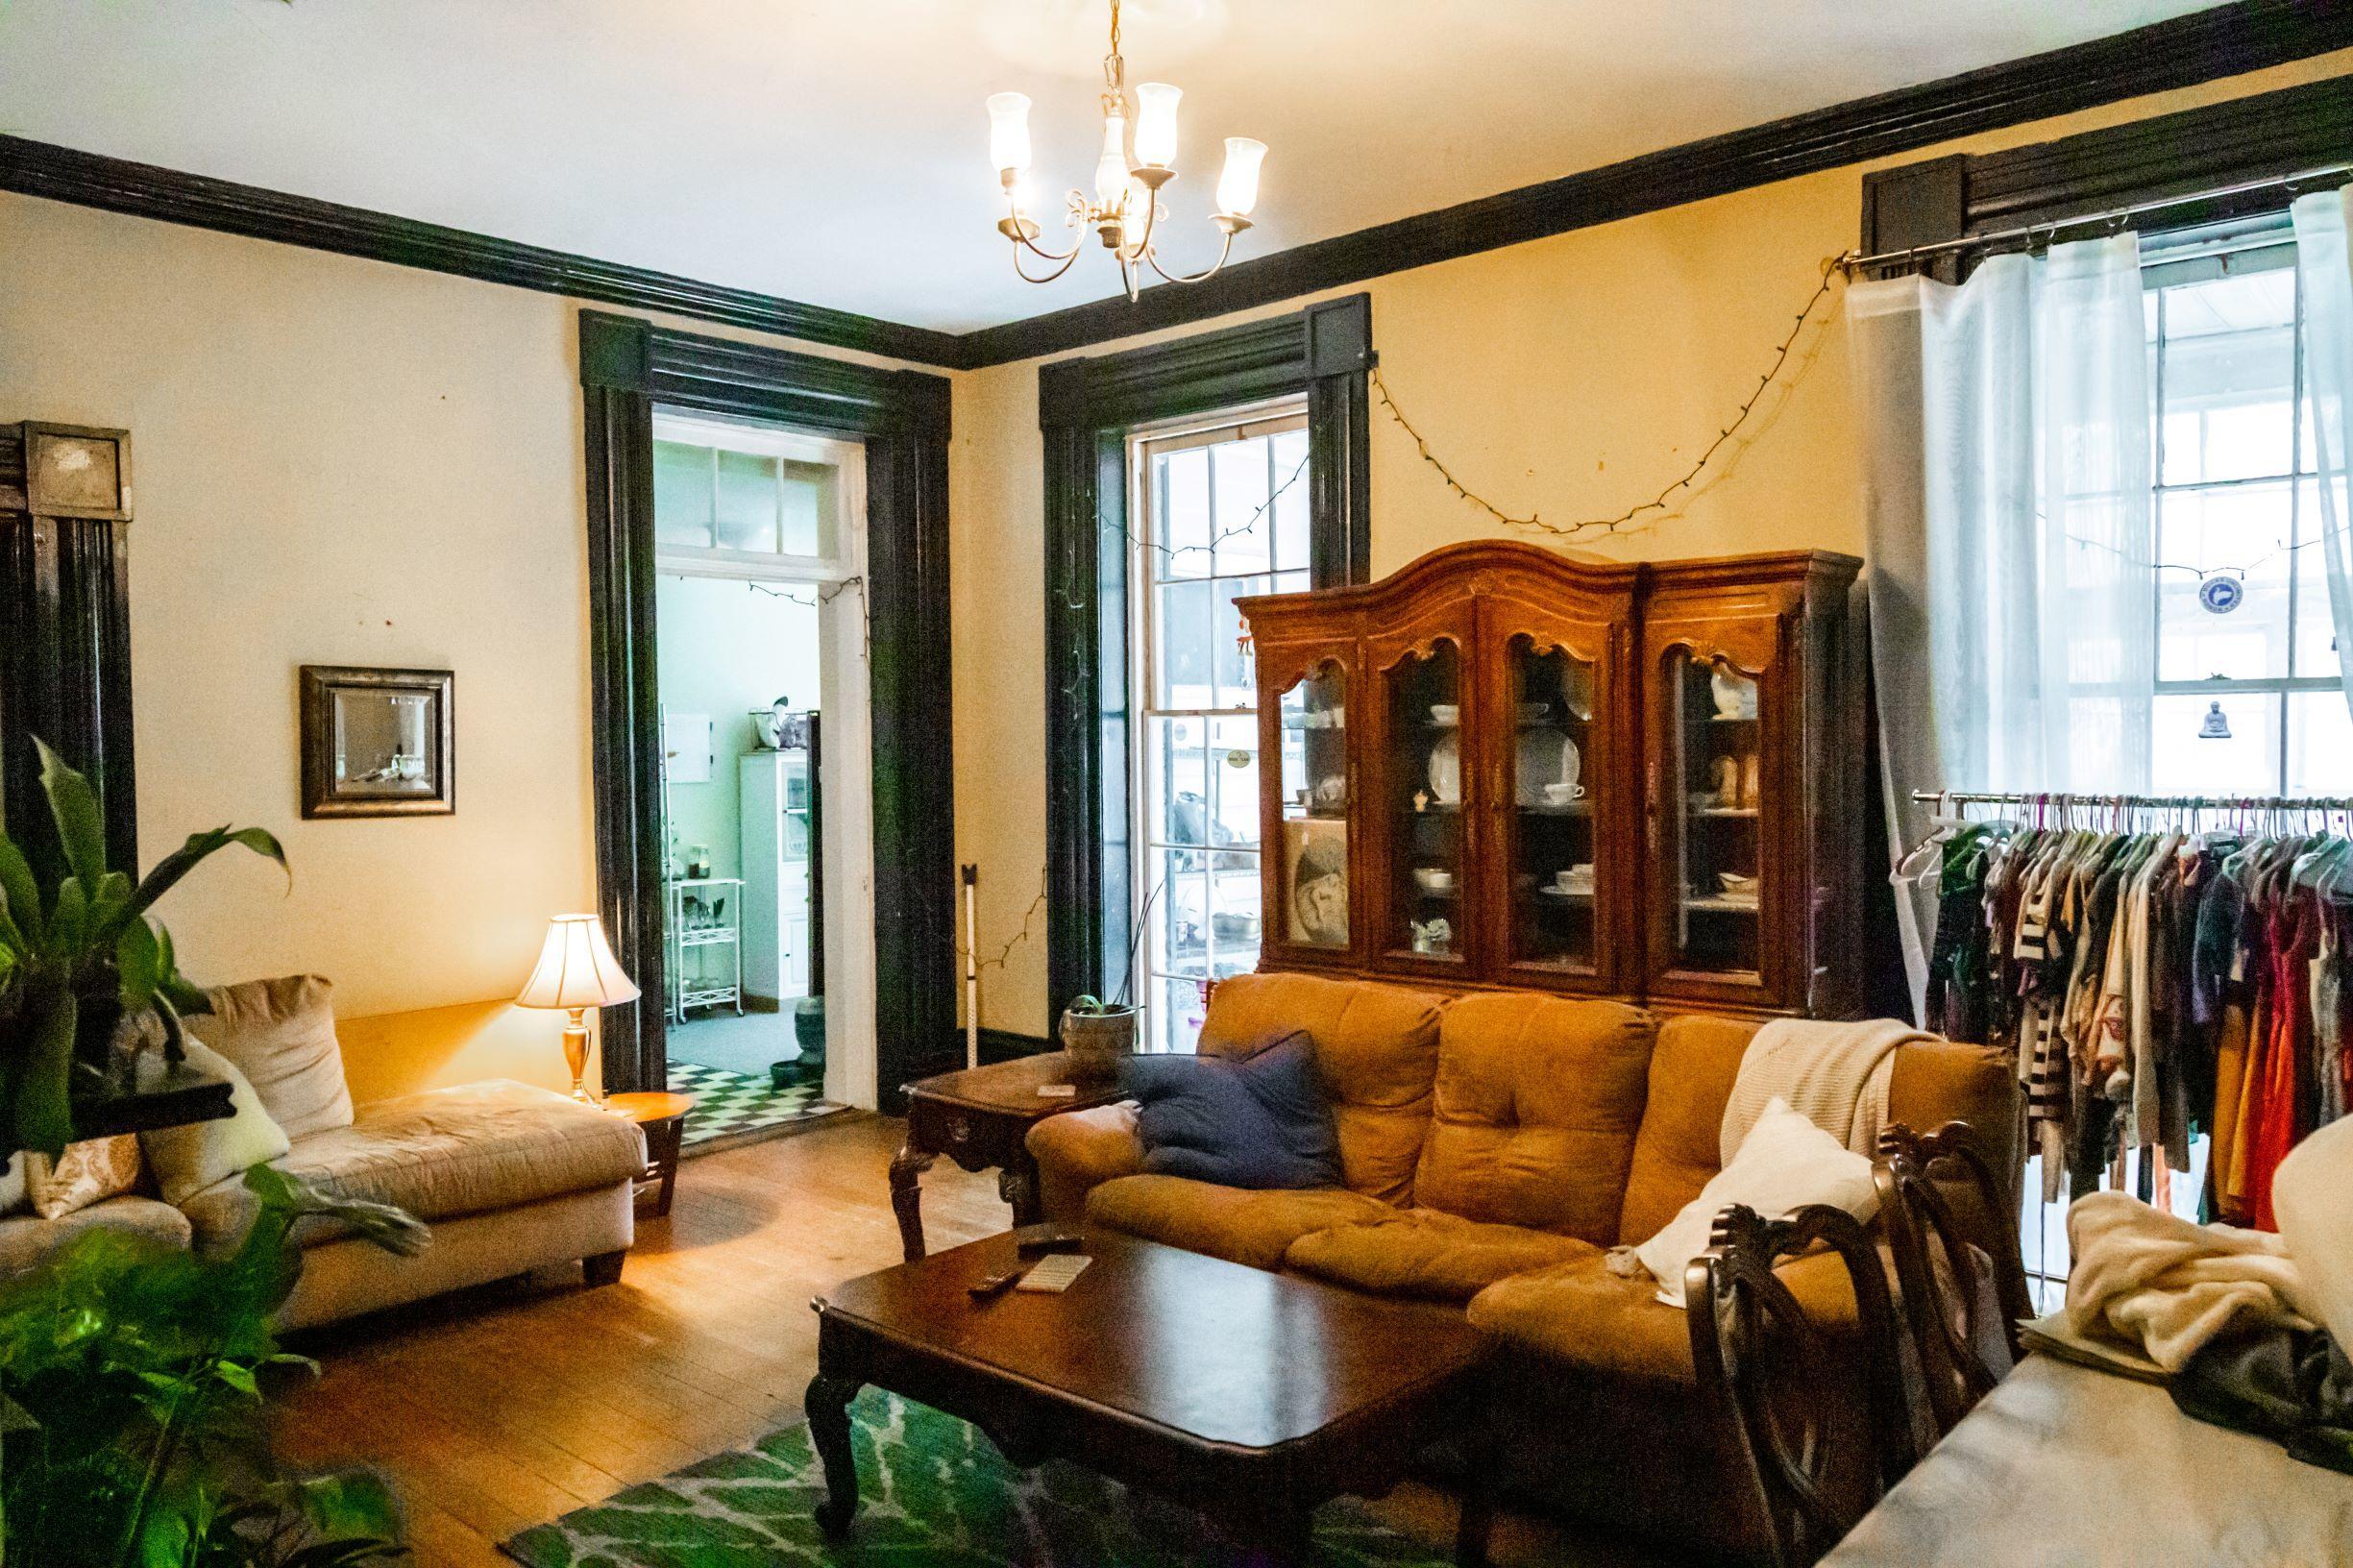 Harleston Village Homes For Sale - 157 Wentworth, Charleston, SC - 5